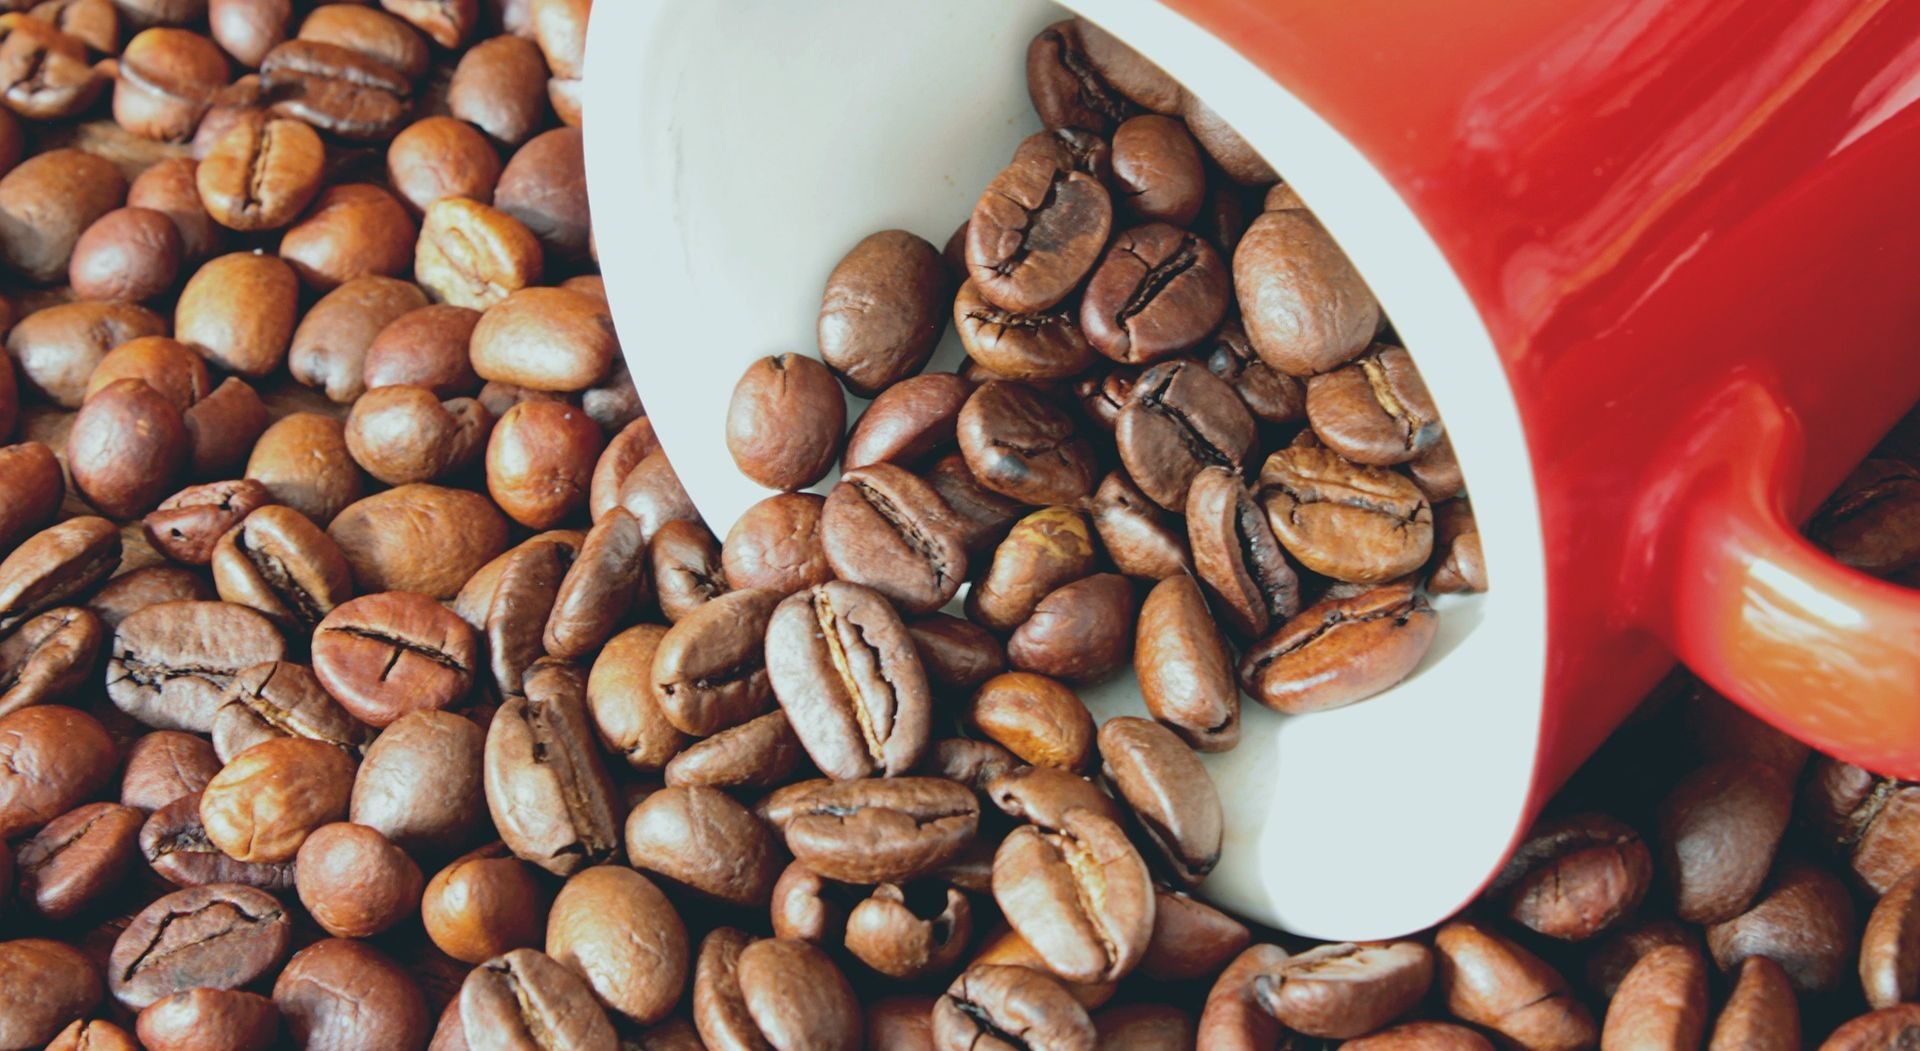 Uskoro šalica kave s kofeinom s vremenskim otpuštanjem